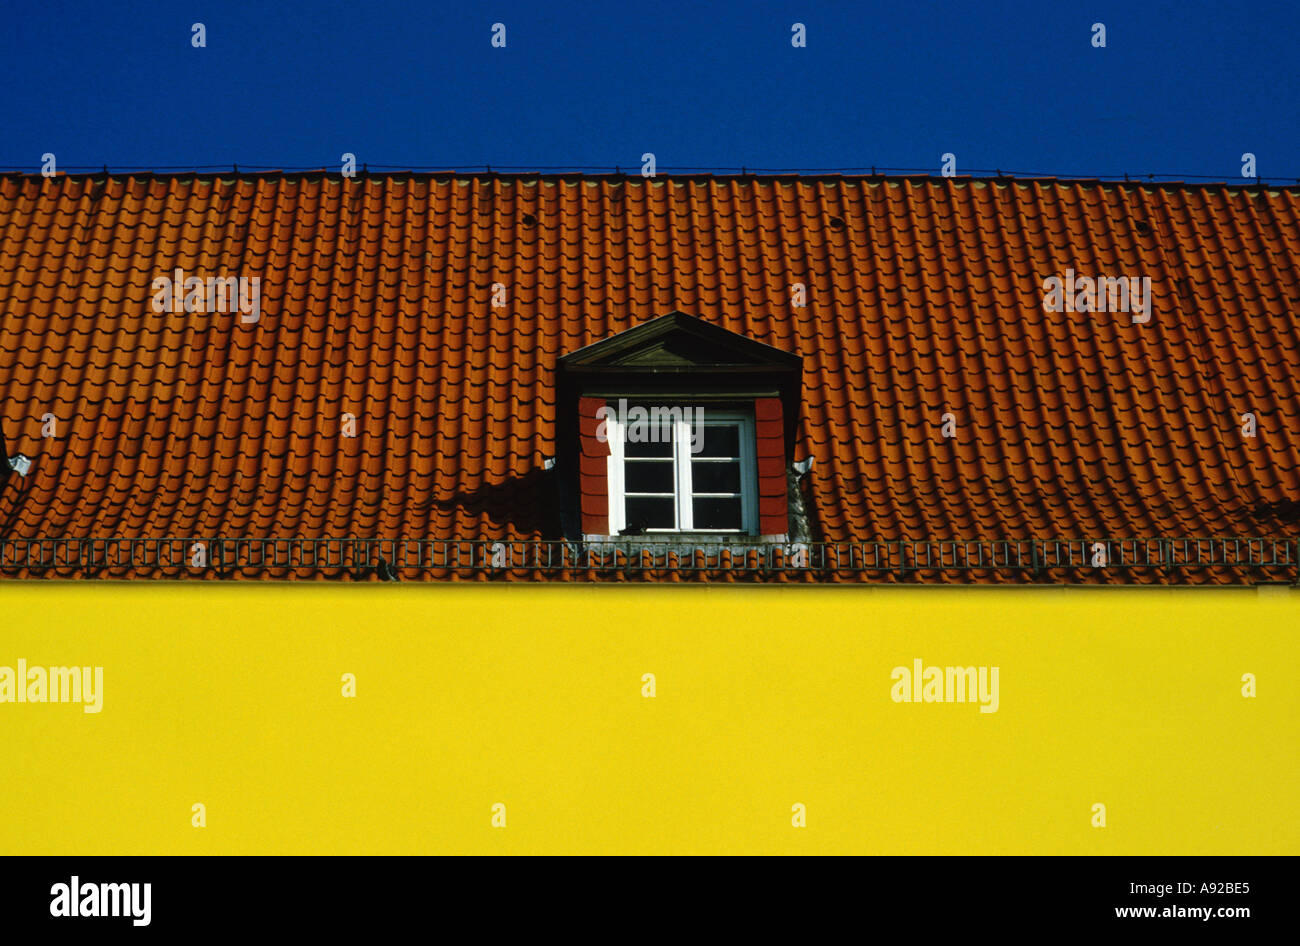 Casa costruzione tetto colorate piastrelle finestra finestra di